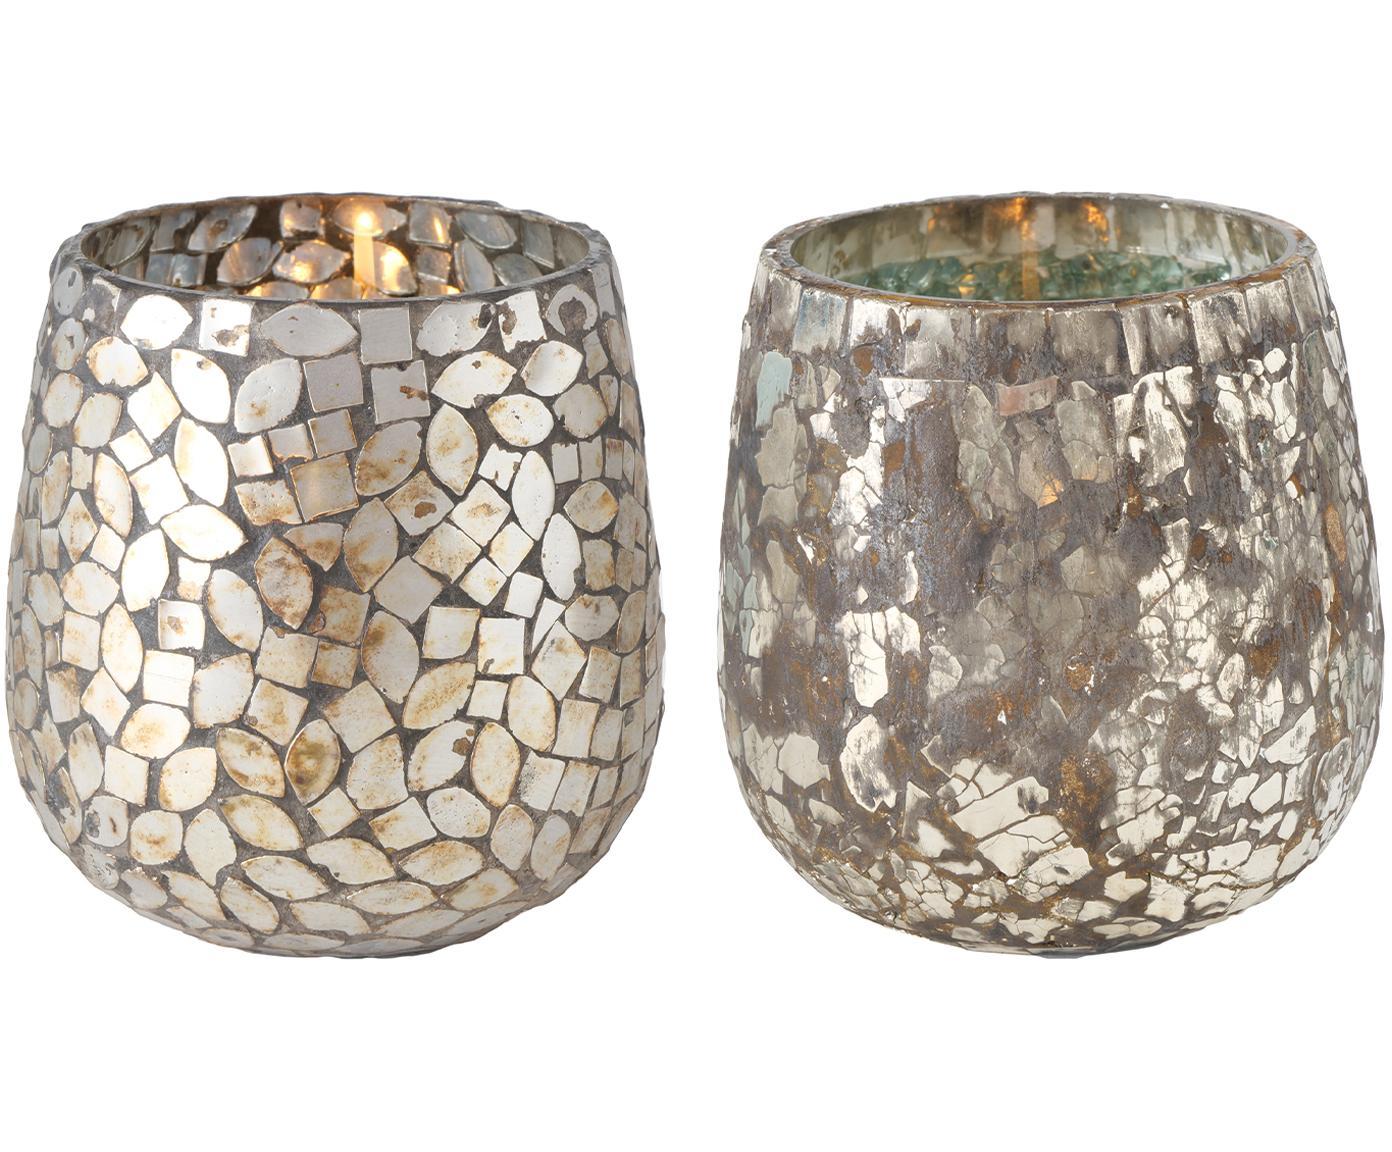 Windlichter-Set Kyritz, 2-tlg., Glas, Braun, Silberfarben mit Antik-Finish, Ø 12 x H 13 cm